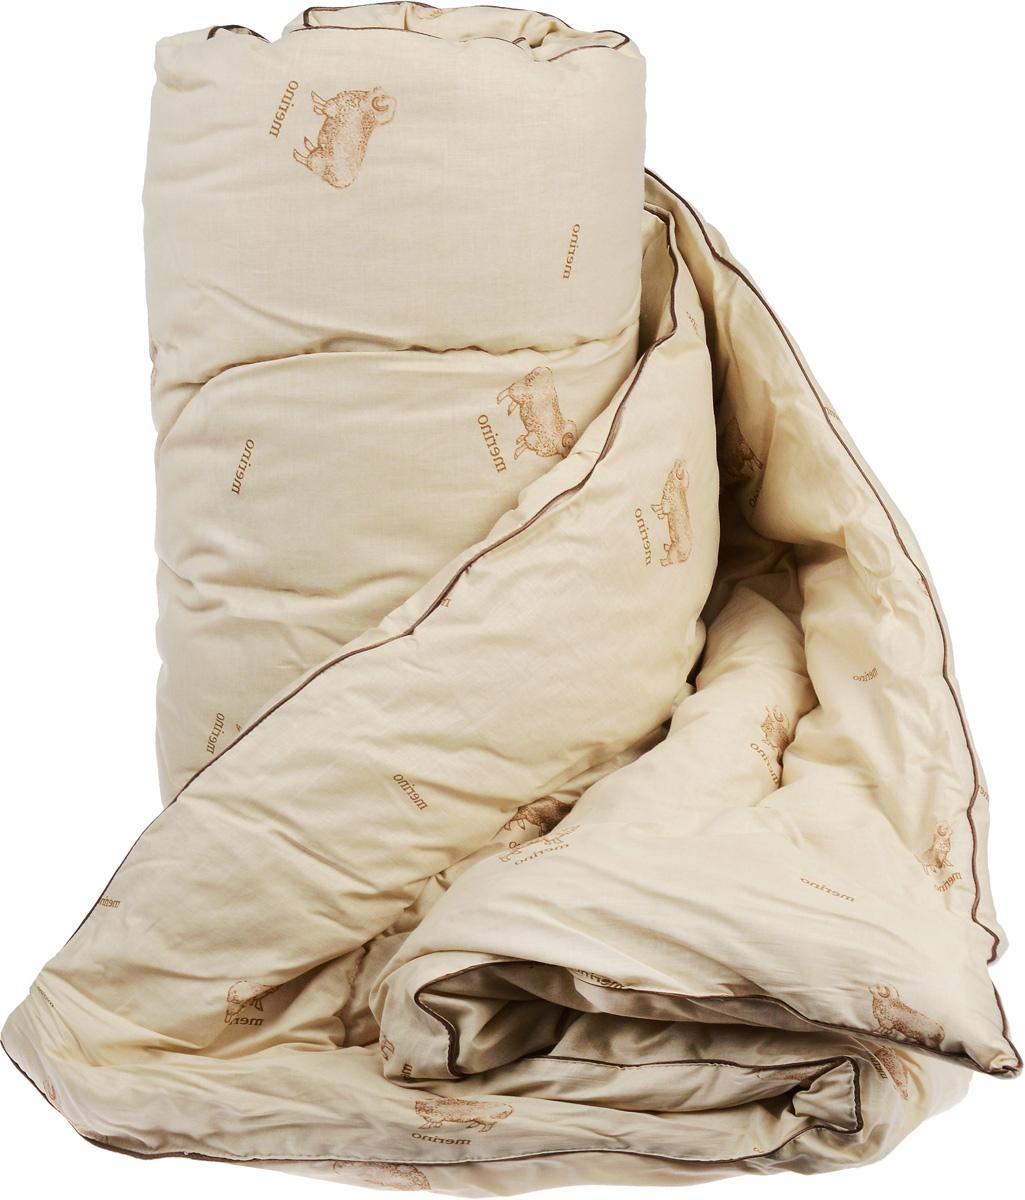 Одеяло теплое Легкие сны Полли, наполнитель: овечья шерсть, 200 x 220 смV30 AC DCТеплое стеганое одеяло Легкие сны Полли с наполнителем из овечьей шерсти расслабит, снимет усталость и подарит вам спокойный и здоровый сон.Шерстяные волокна, получаемые из овечьей шерсти, имеют полую структуру, придающую изделиям высокую износоустойчивость. Чехол одеяла, выполненный из 100% хлопка. Одеяло простегано. Стежка надежно удерживает наполнитель внутри и не позволяет ему скатываться.Рекомендации по уходу:Отбеливание, стирка, барабанная сушка и глажка запрещены. Разрешается химчистка.